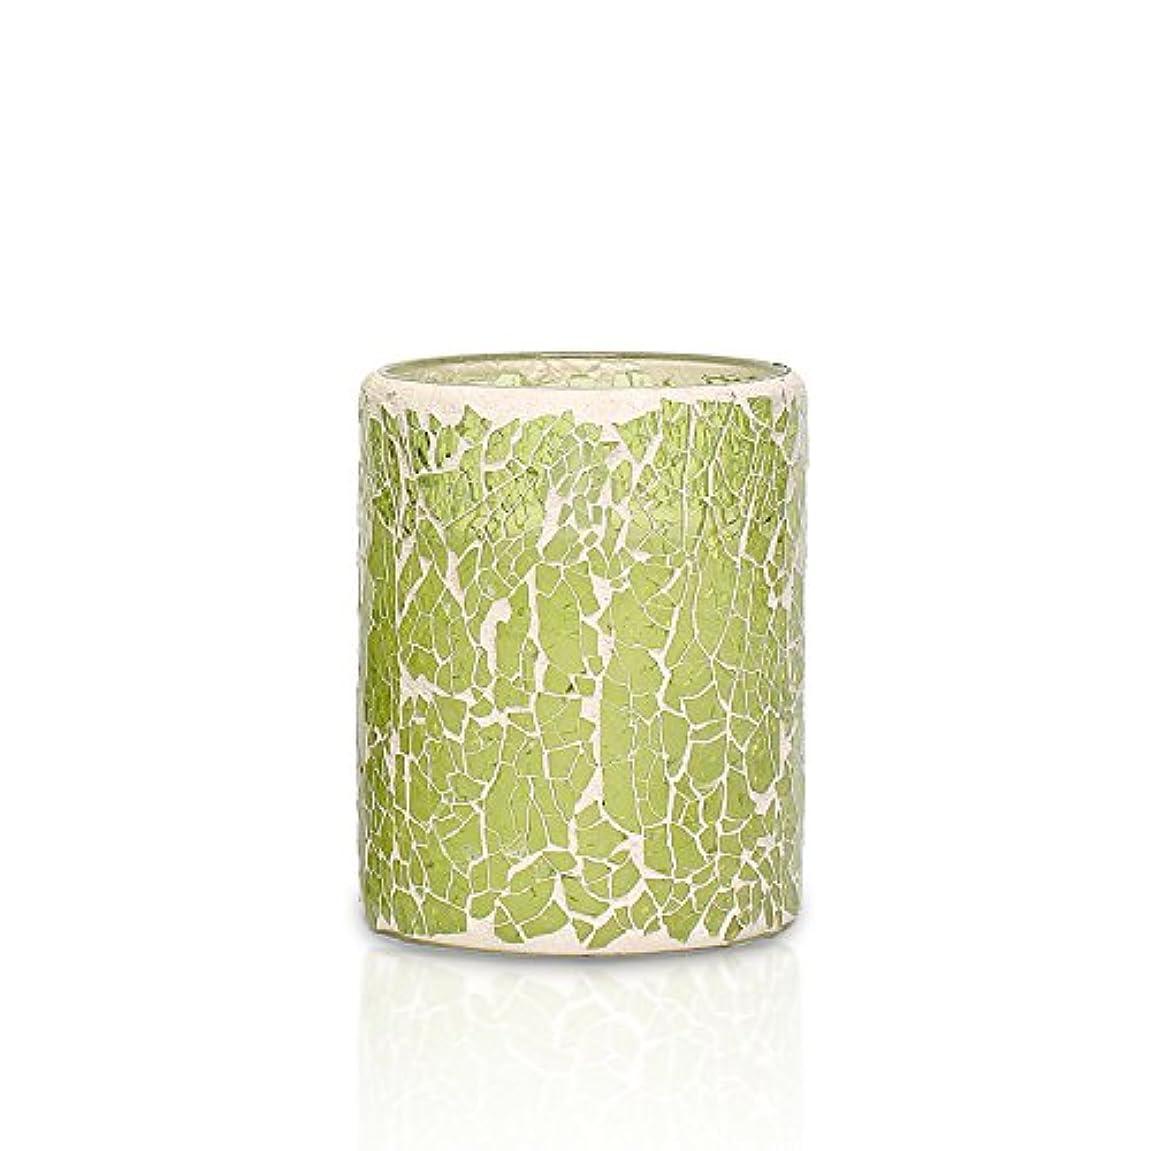 に補助献身simplux Battery-Powered Mosaic Flameless LED Candle with Timer, 3 x 4', Light Green [並行輸入品]